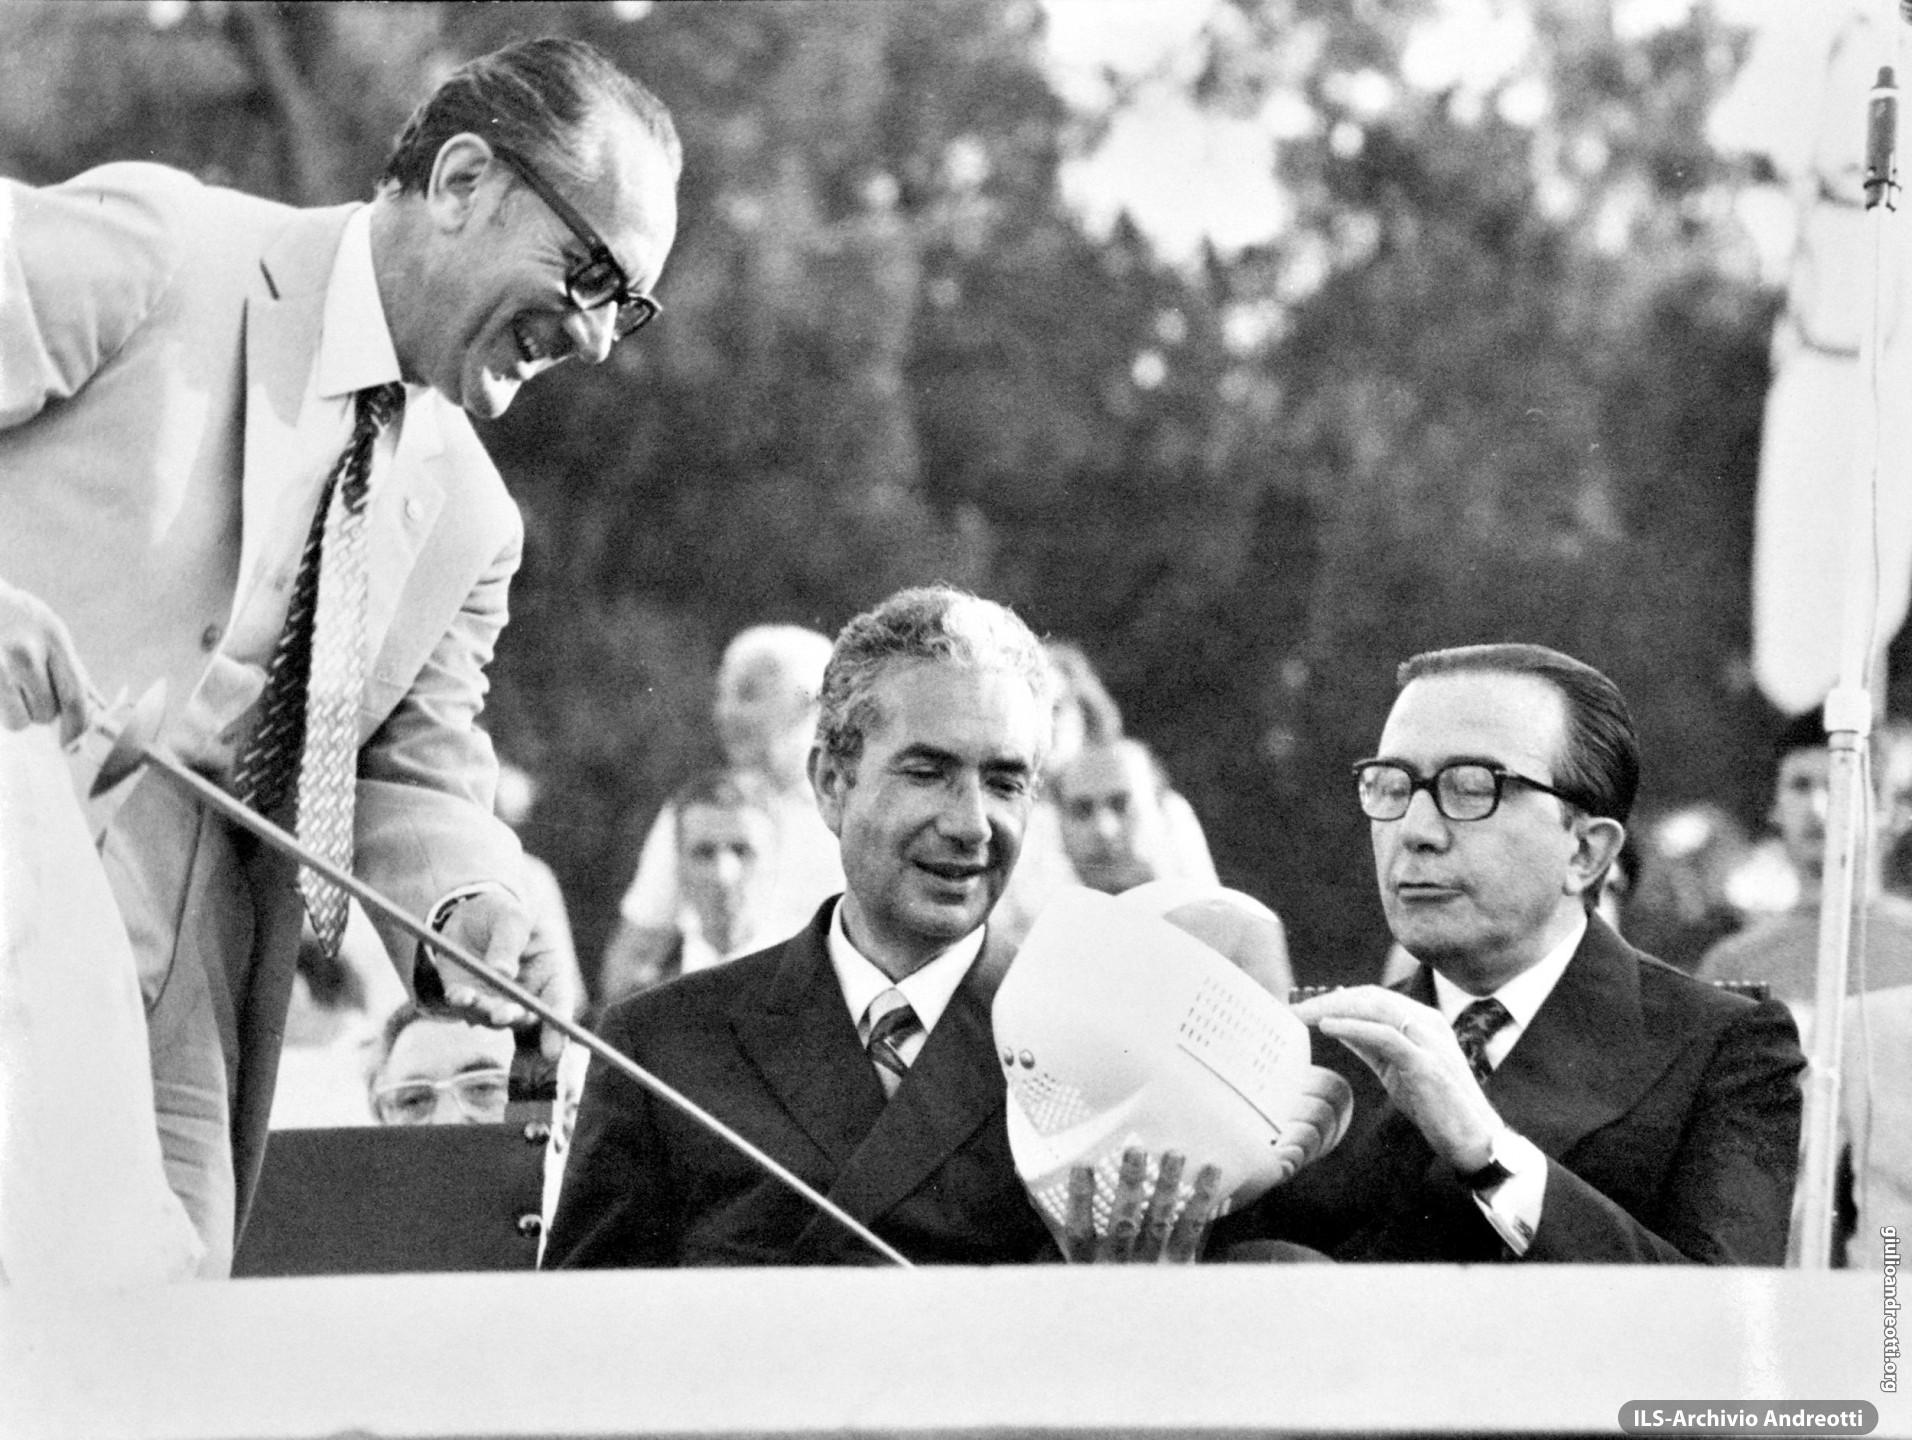 8 luglio 1972. Andreotti con Moro ai Giochi della Gioventù